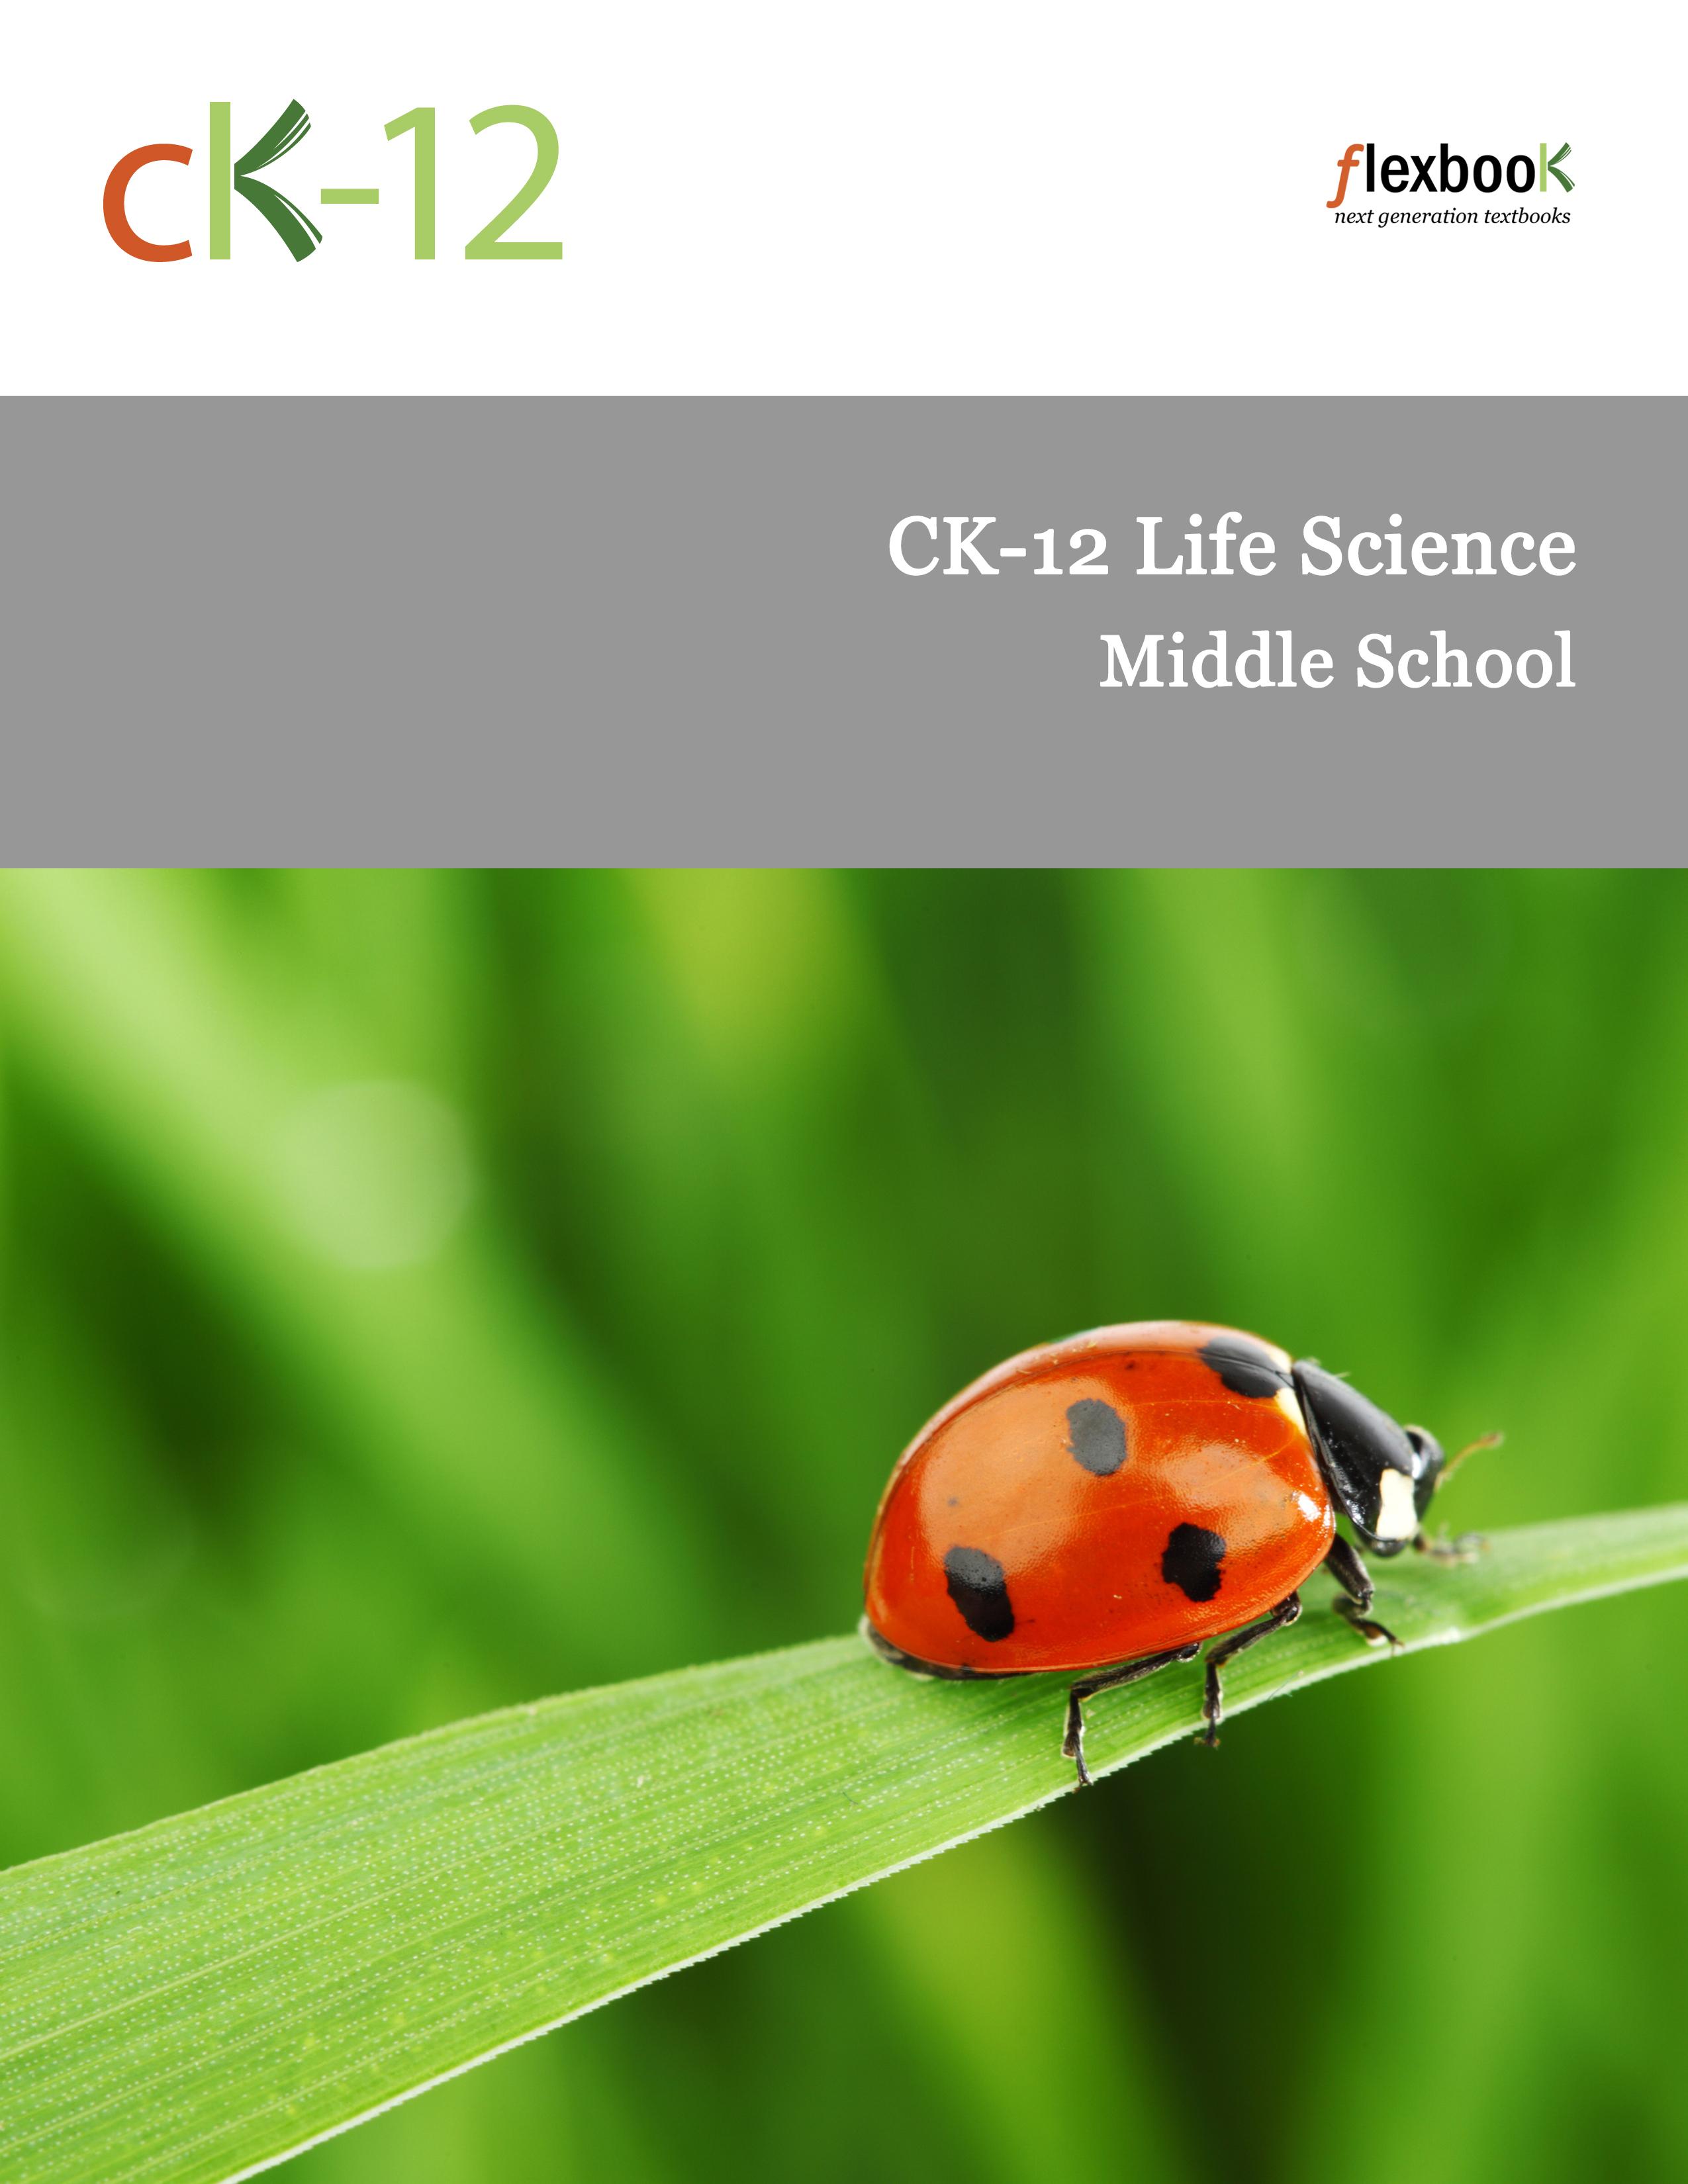 Microorganisms Worksheets Life Science Middle School Microorganisms Best Free Printable Worksheets